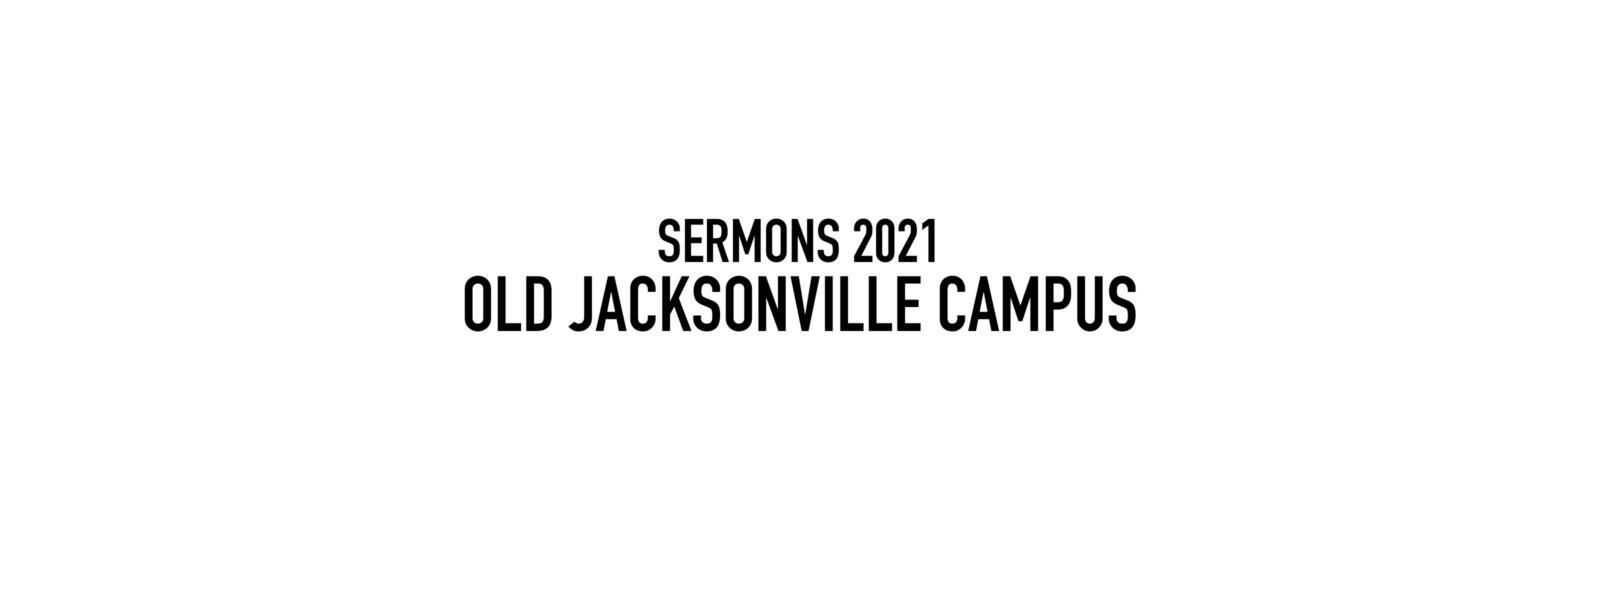 Sermon Series 2021 Old Jacksonville